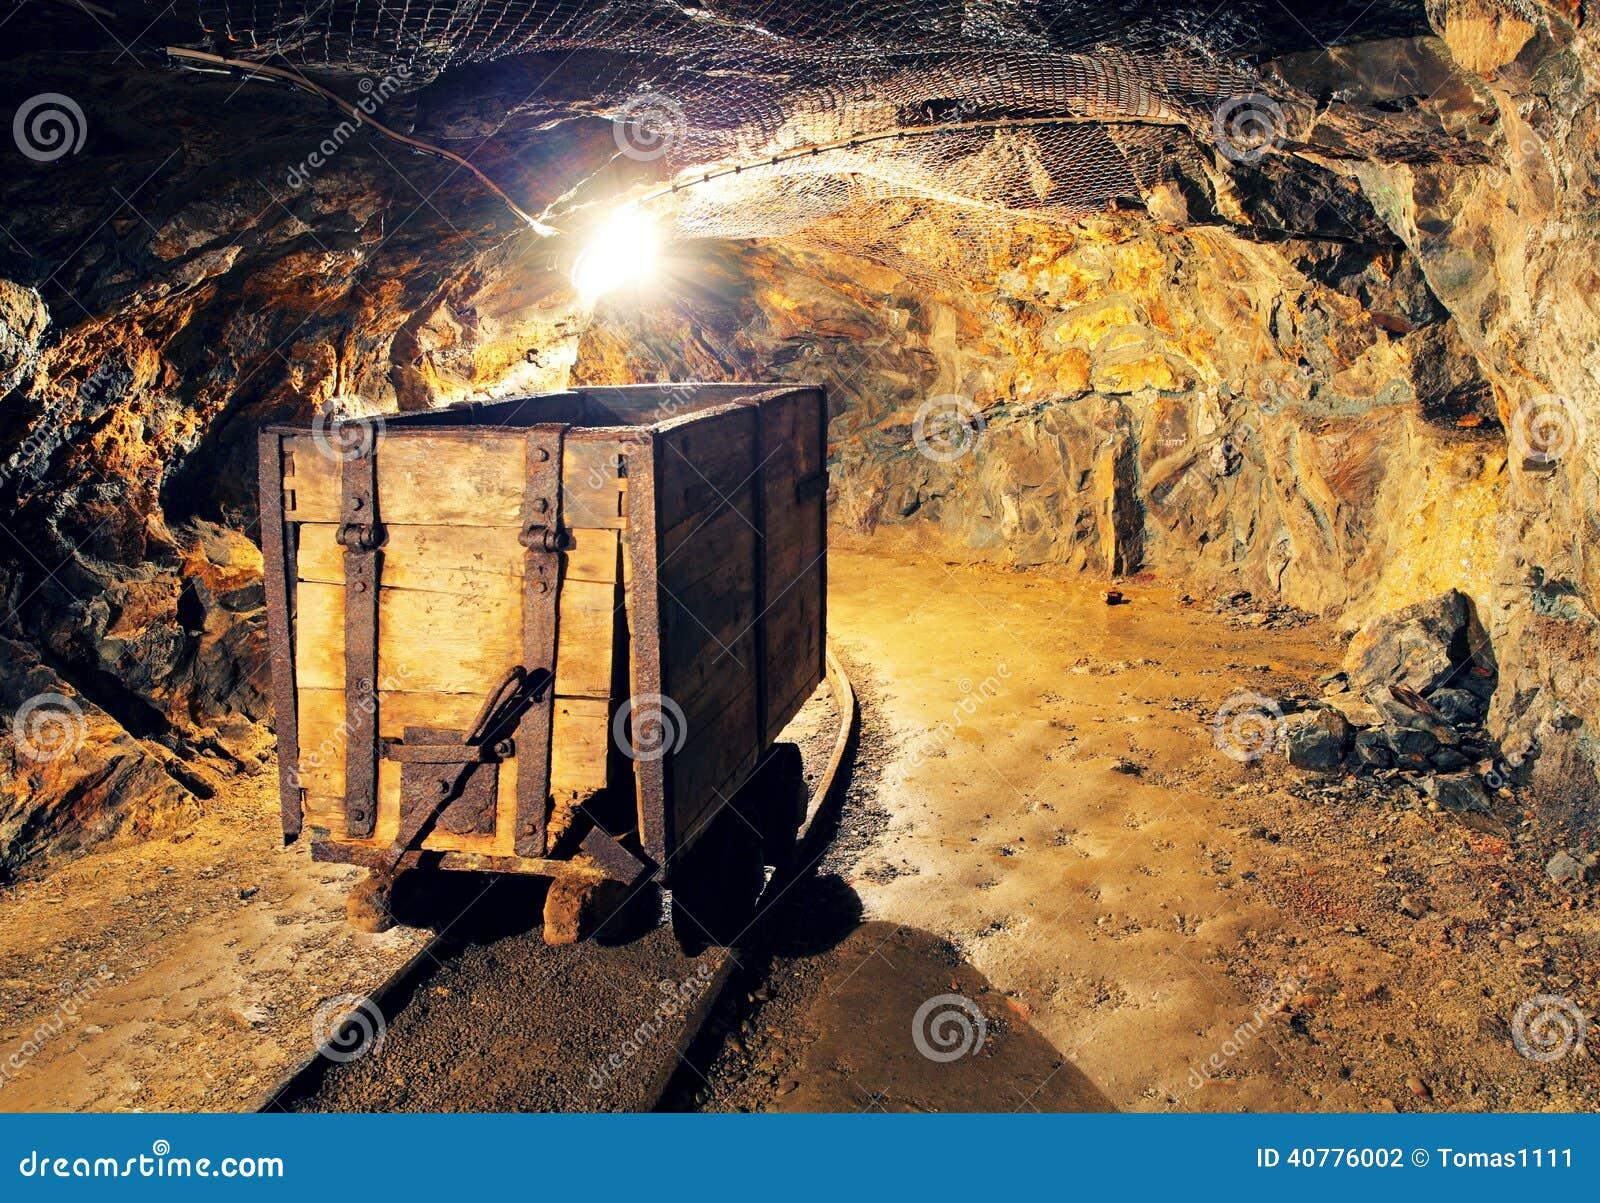 Górnicza fura w srebrze, złoto, kopalnia miedzi